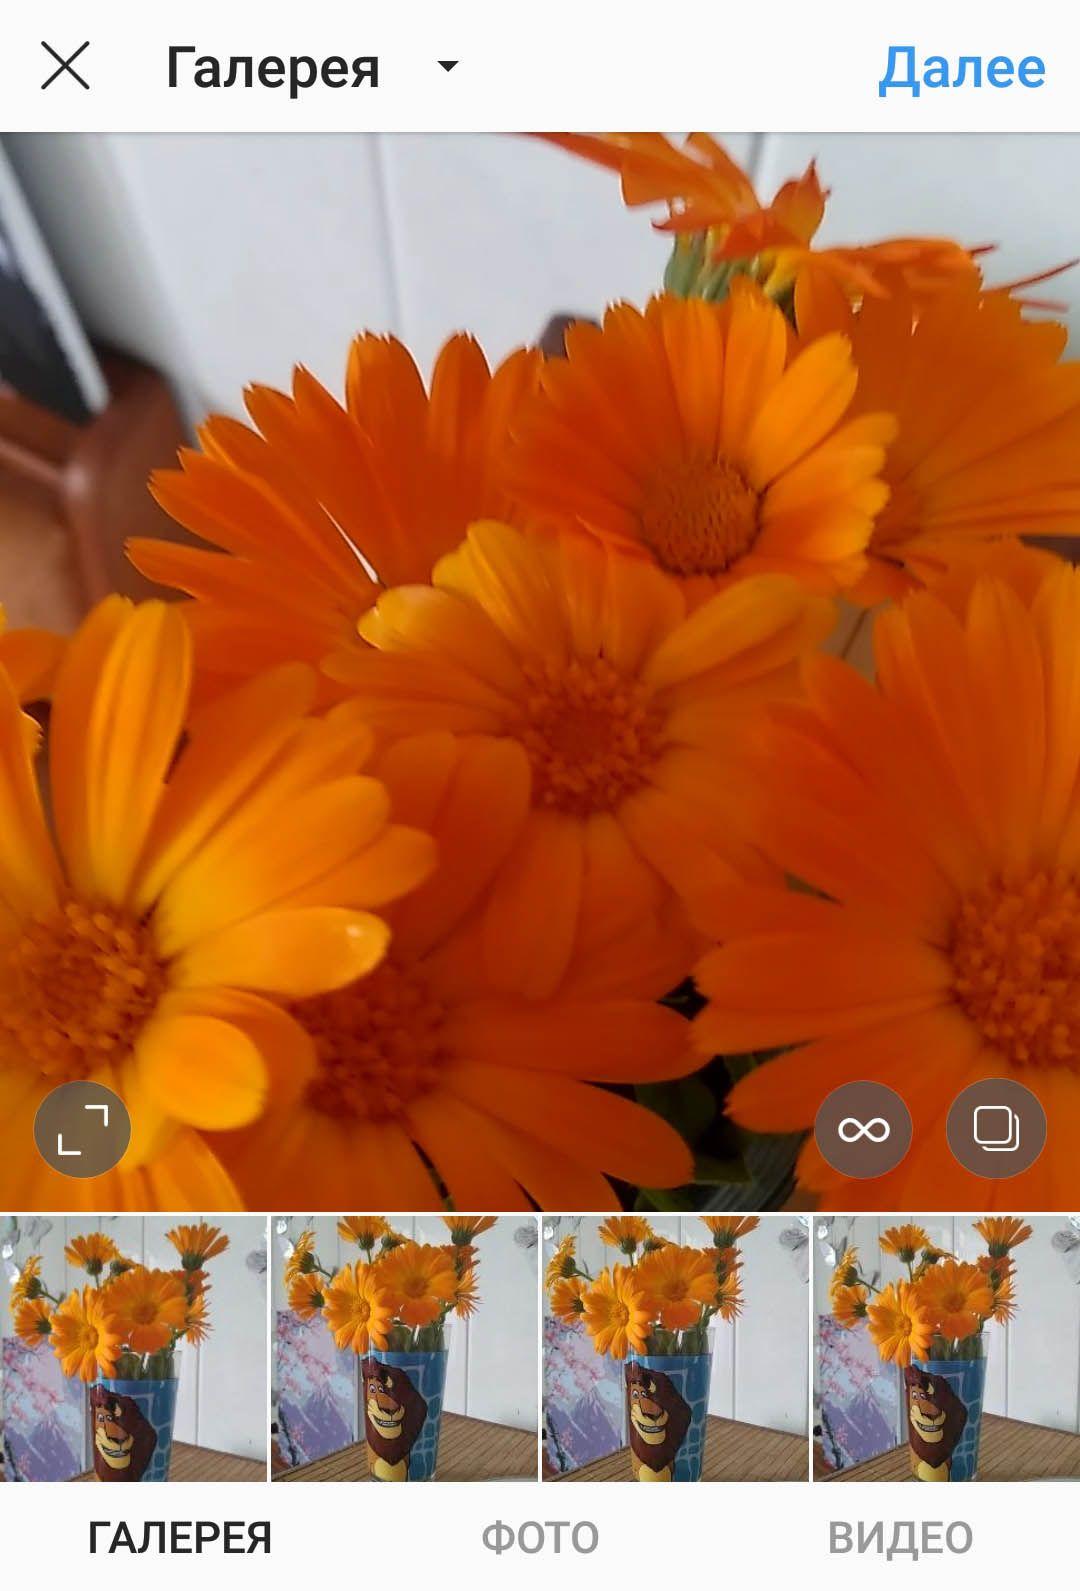 Как добавить видео в Инстаграм с телефона или компьютера: пошаговая инструкция